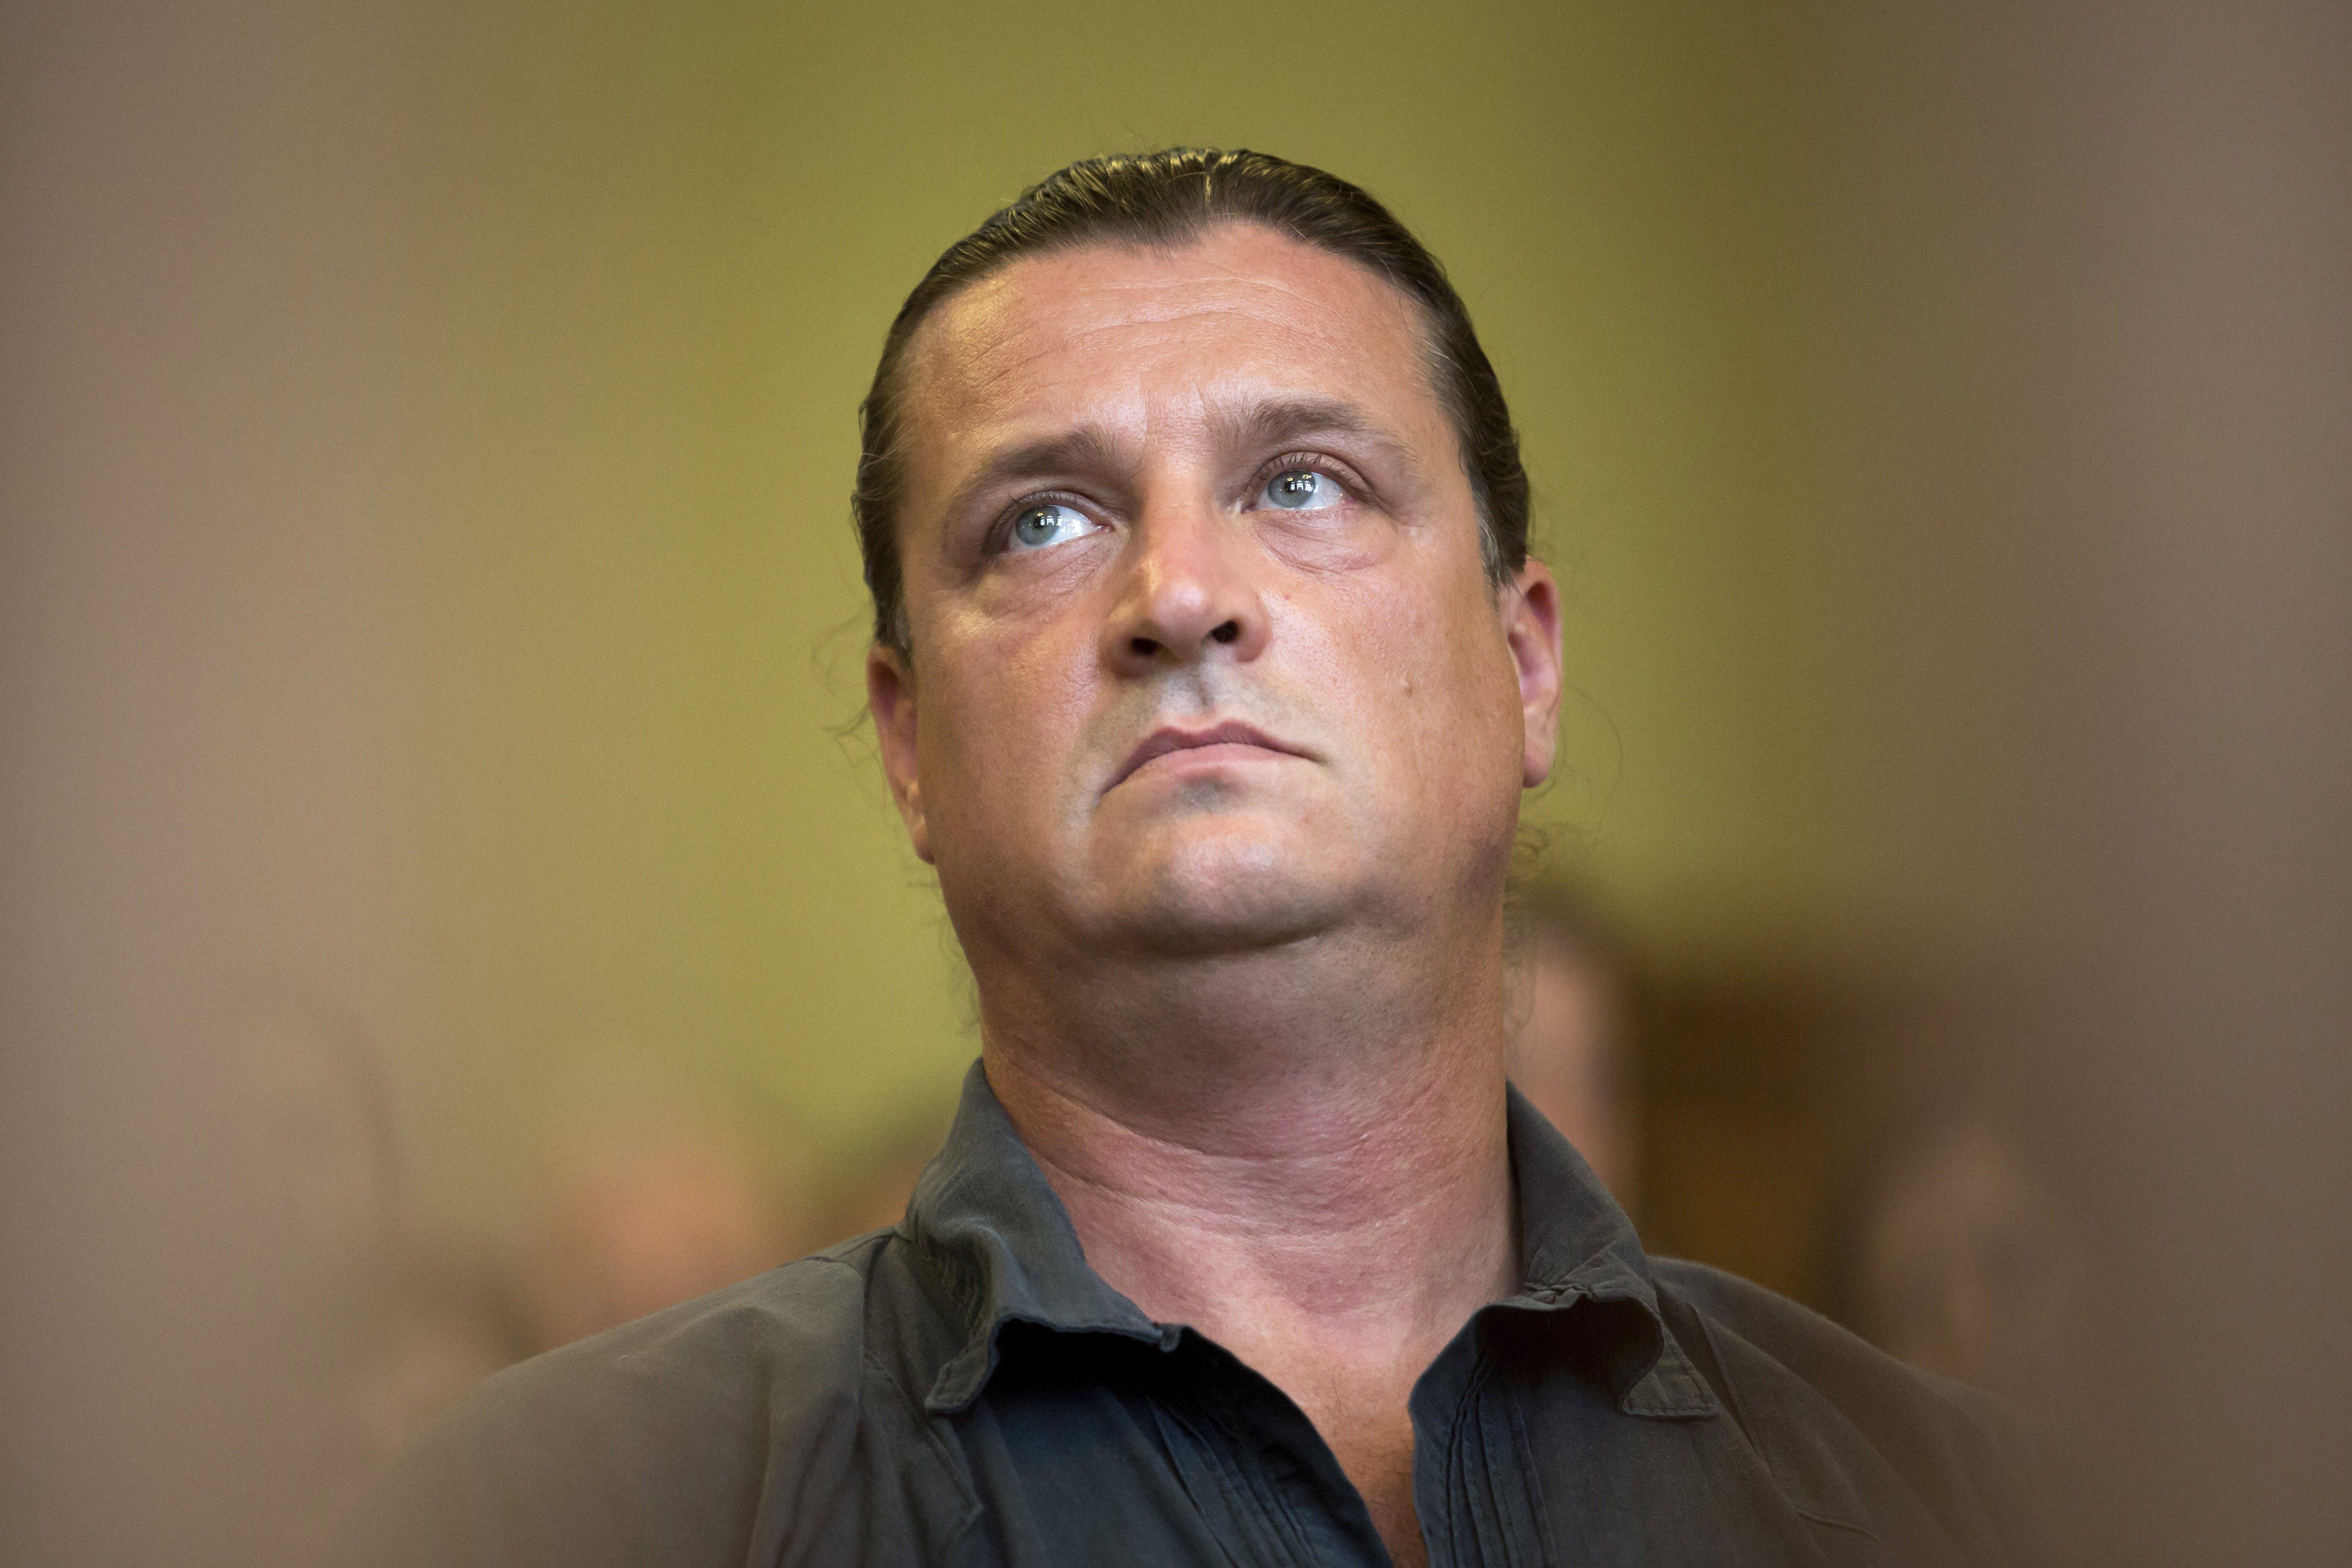 A terrorizmussal vádolt Budaházy a Figyelőben állt ki Mészáros Lőrinc és a nemzeti konzultáció mellett